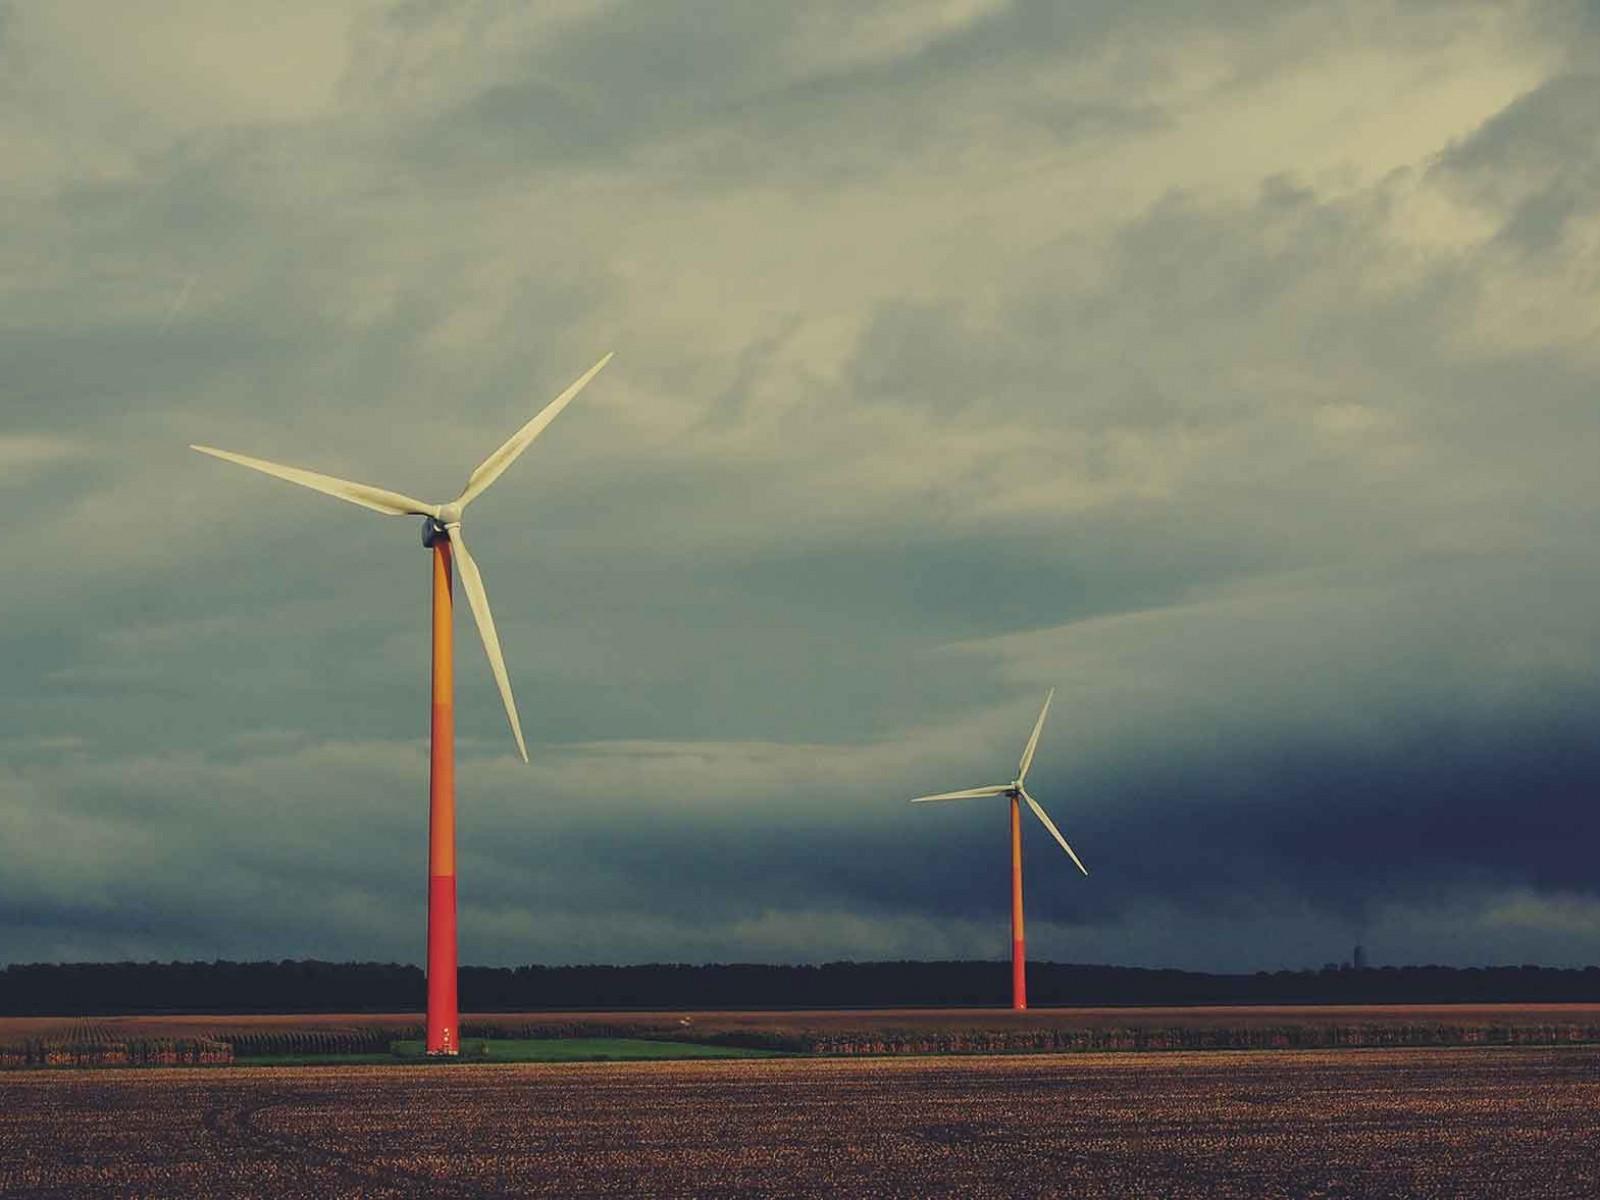 Windfarm-eco-friendly-fashion. Jpg